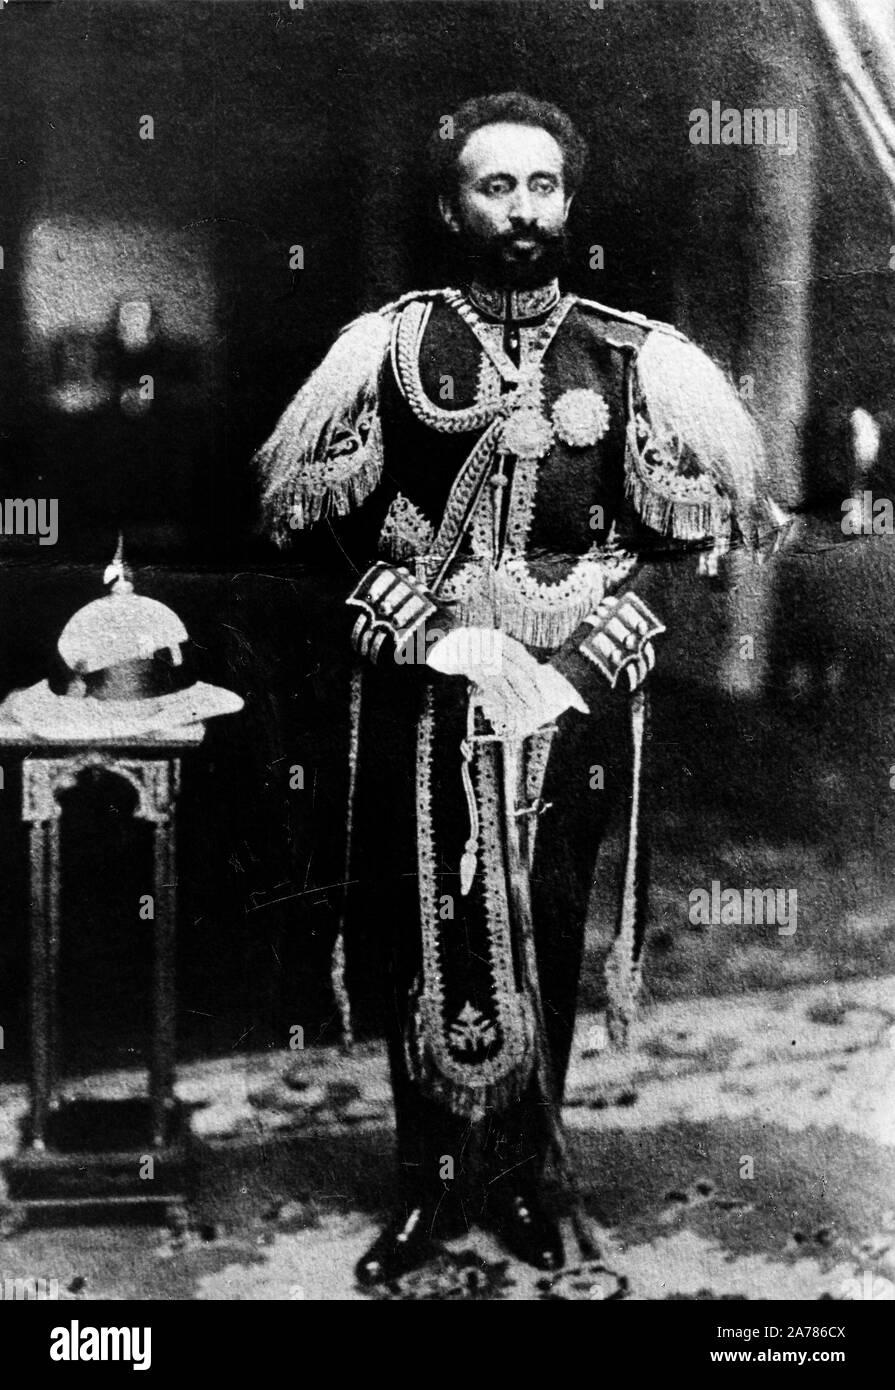 El Negus Haile Selassie en ropa de caballero, Etiopía, 30s Foto de stock